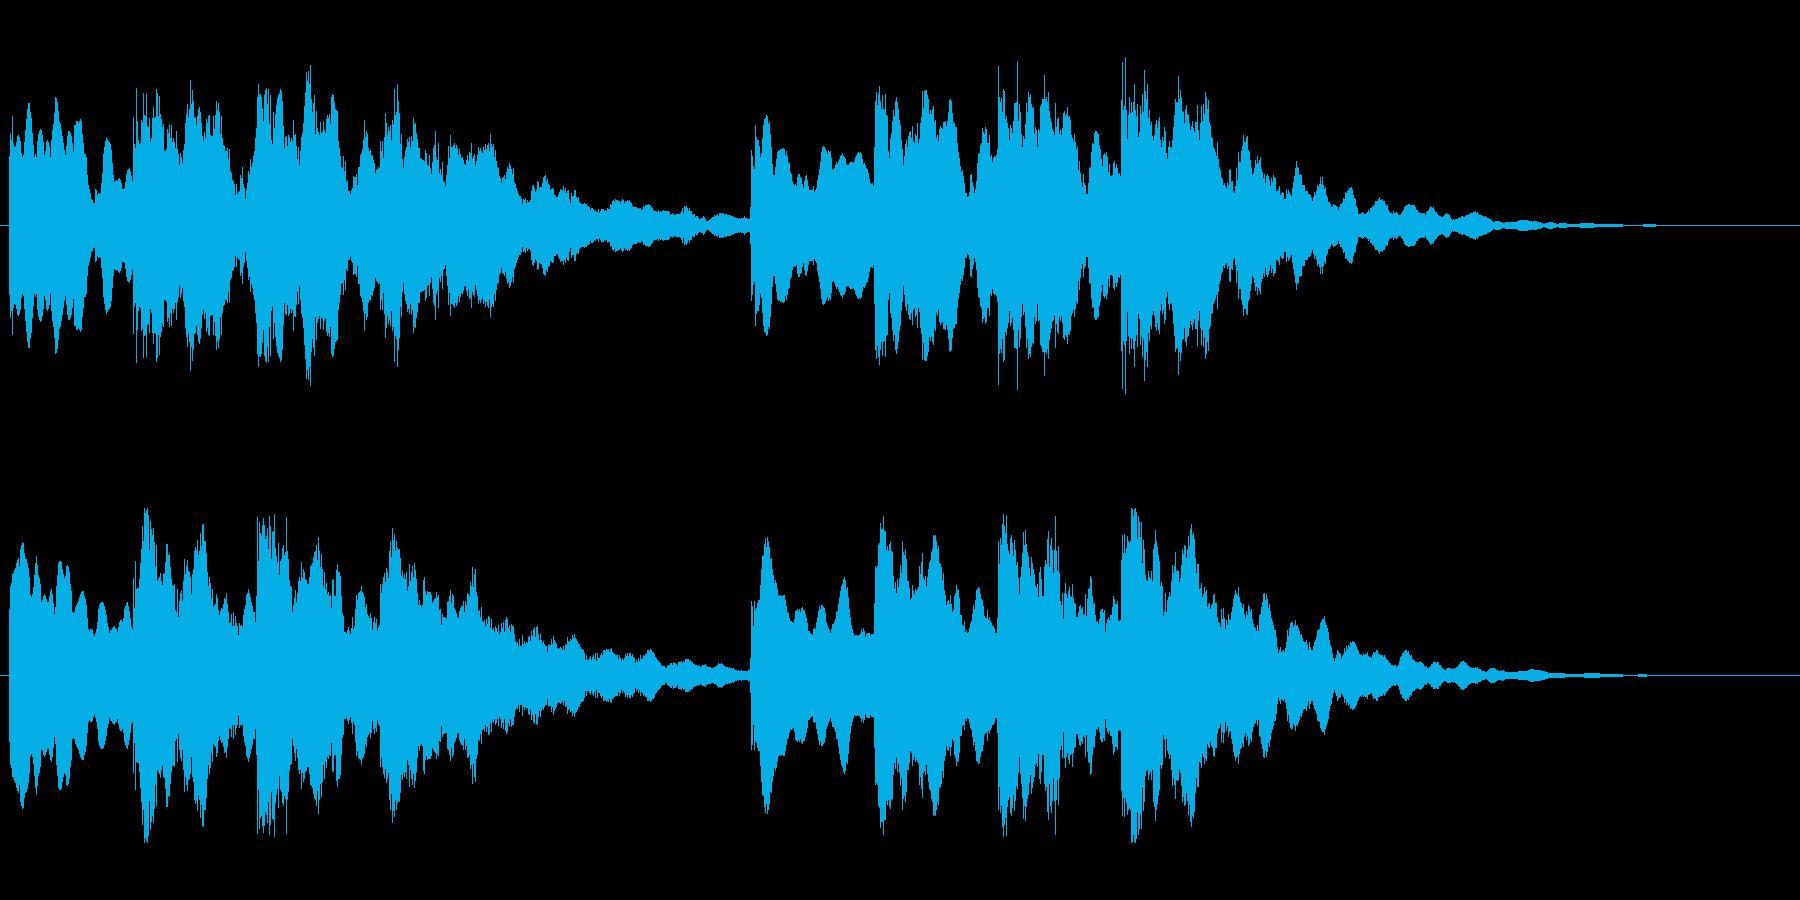 キーンコーンカーンコーン01(遅め1回)の再生済みの波形